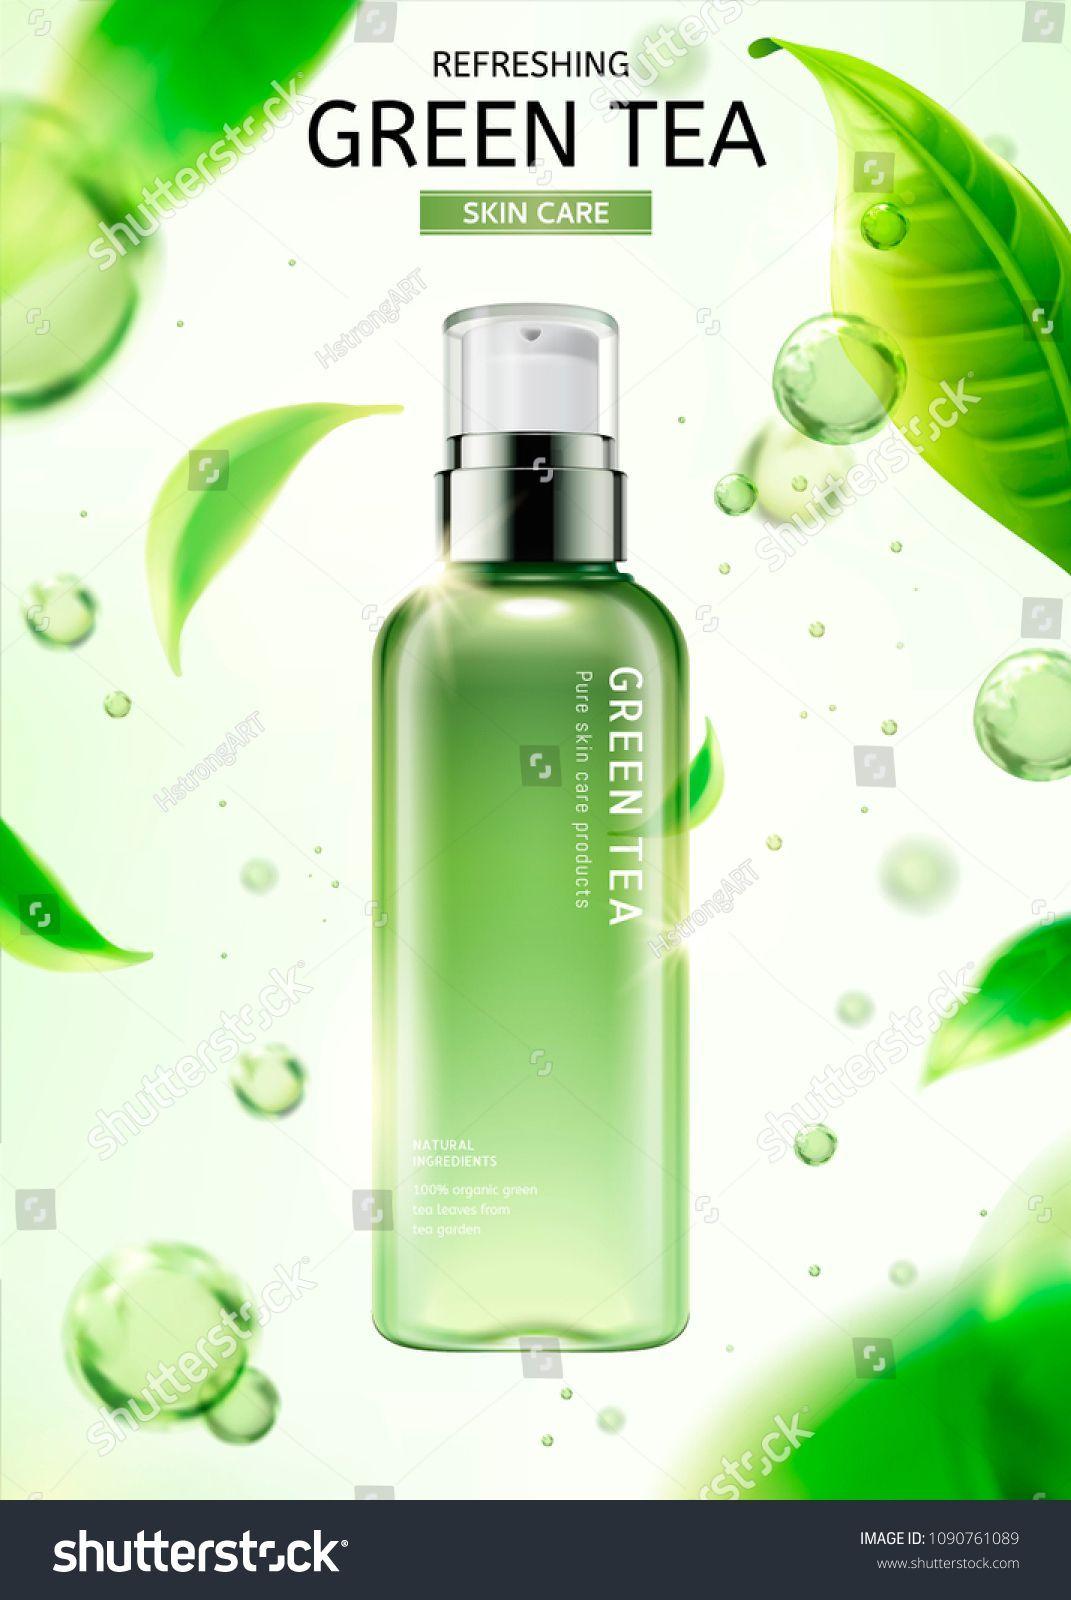 Carespraybottlegreen Illustration Background Flying Leaves Bottle Spray Water Drops White Green With Care Green Tea Skin Care Skin Tea Skin Care